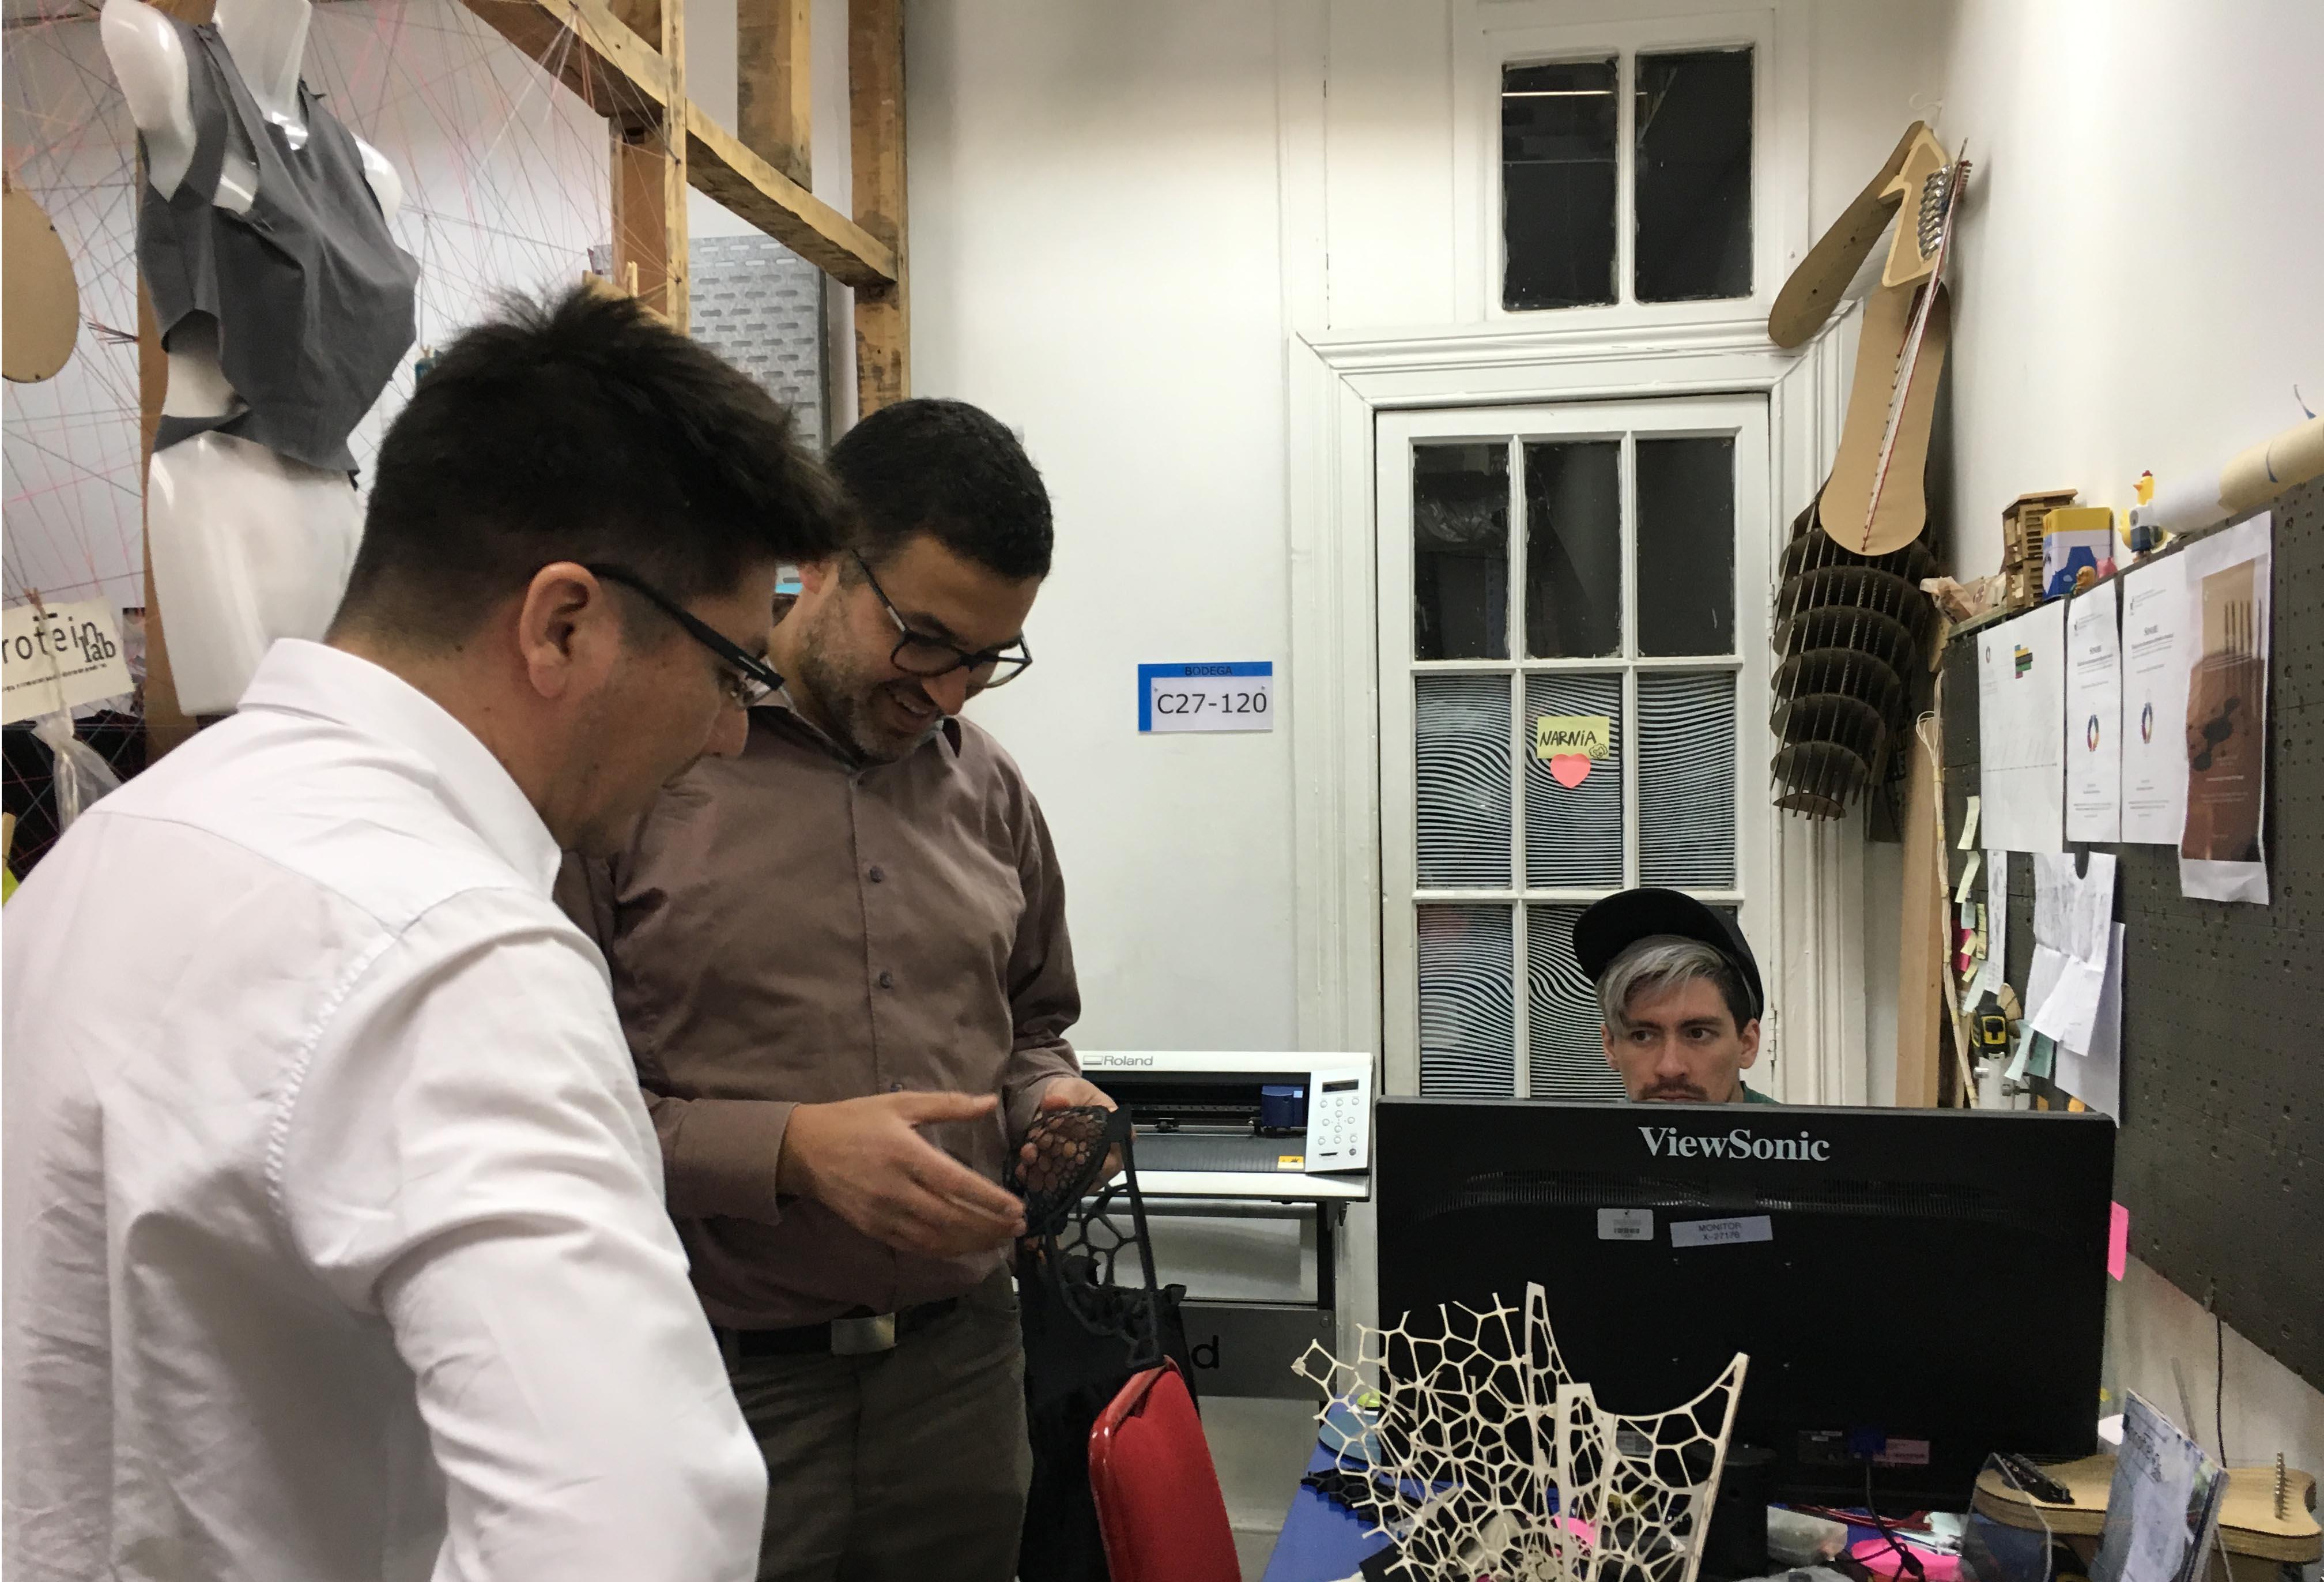 patricio-feres-gerente-innovacion-corfo-vista-proteinlab